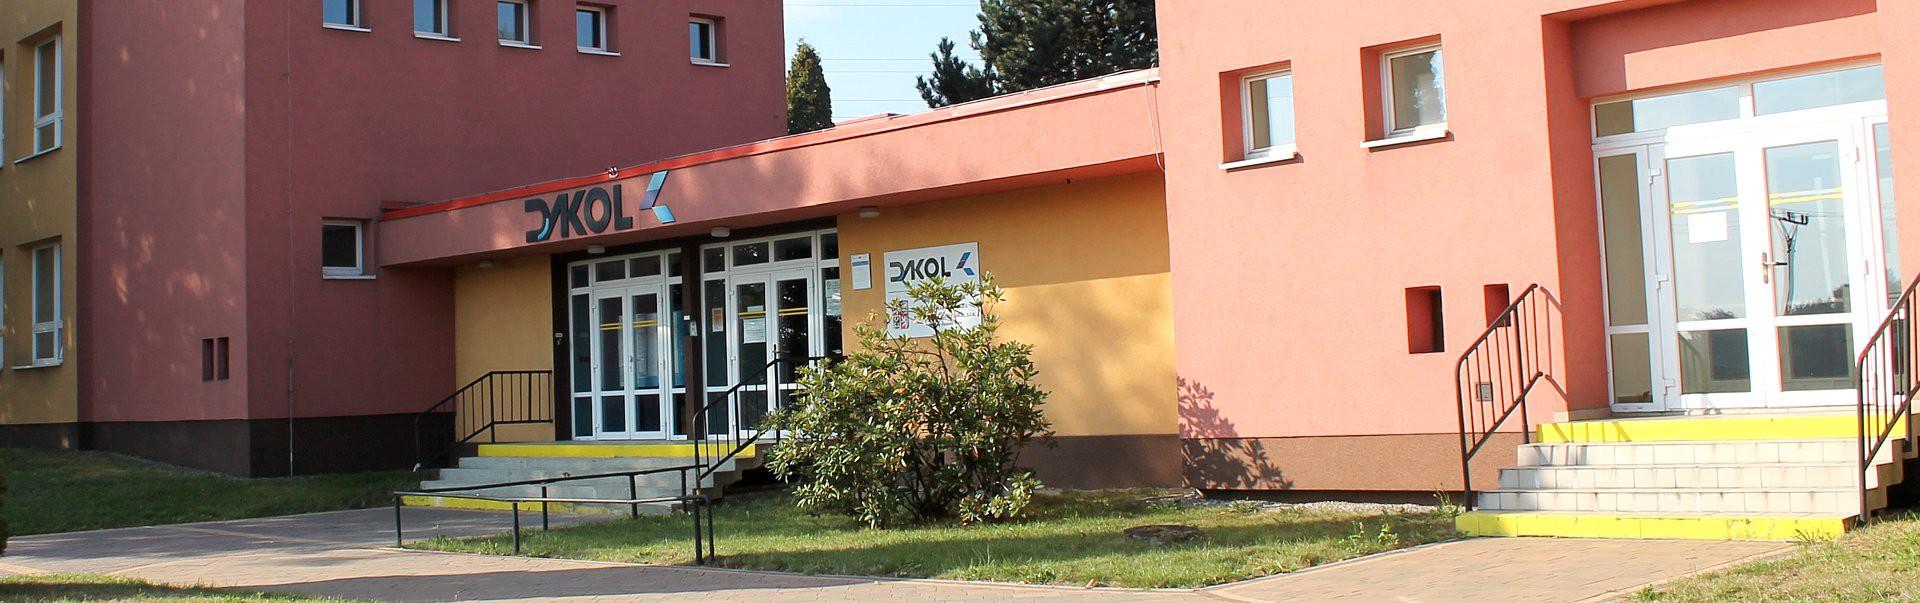 Přijďte si prohlédnout naše školy<br>ve dnech otevřených dveří